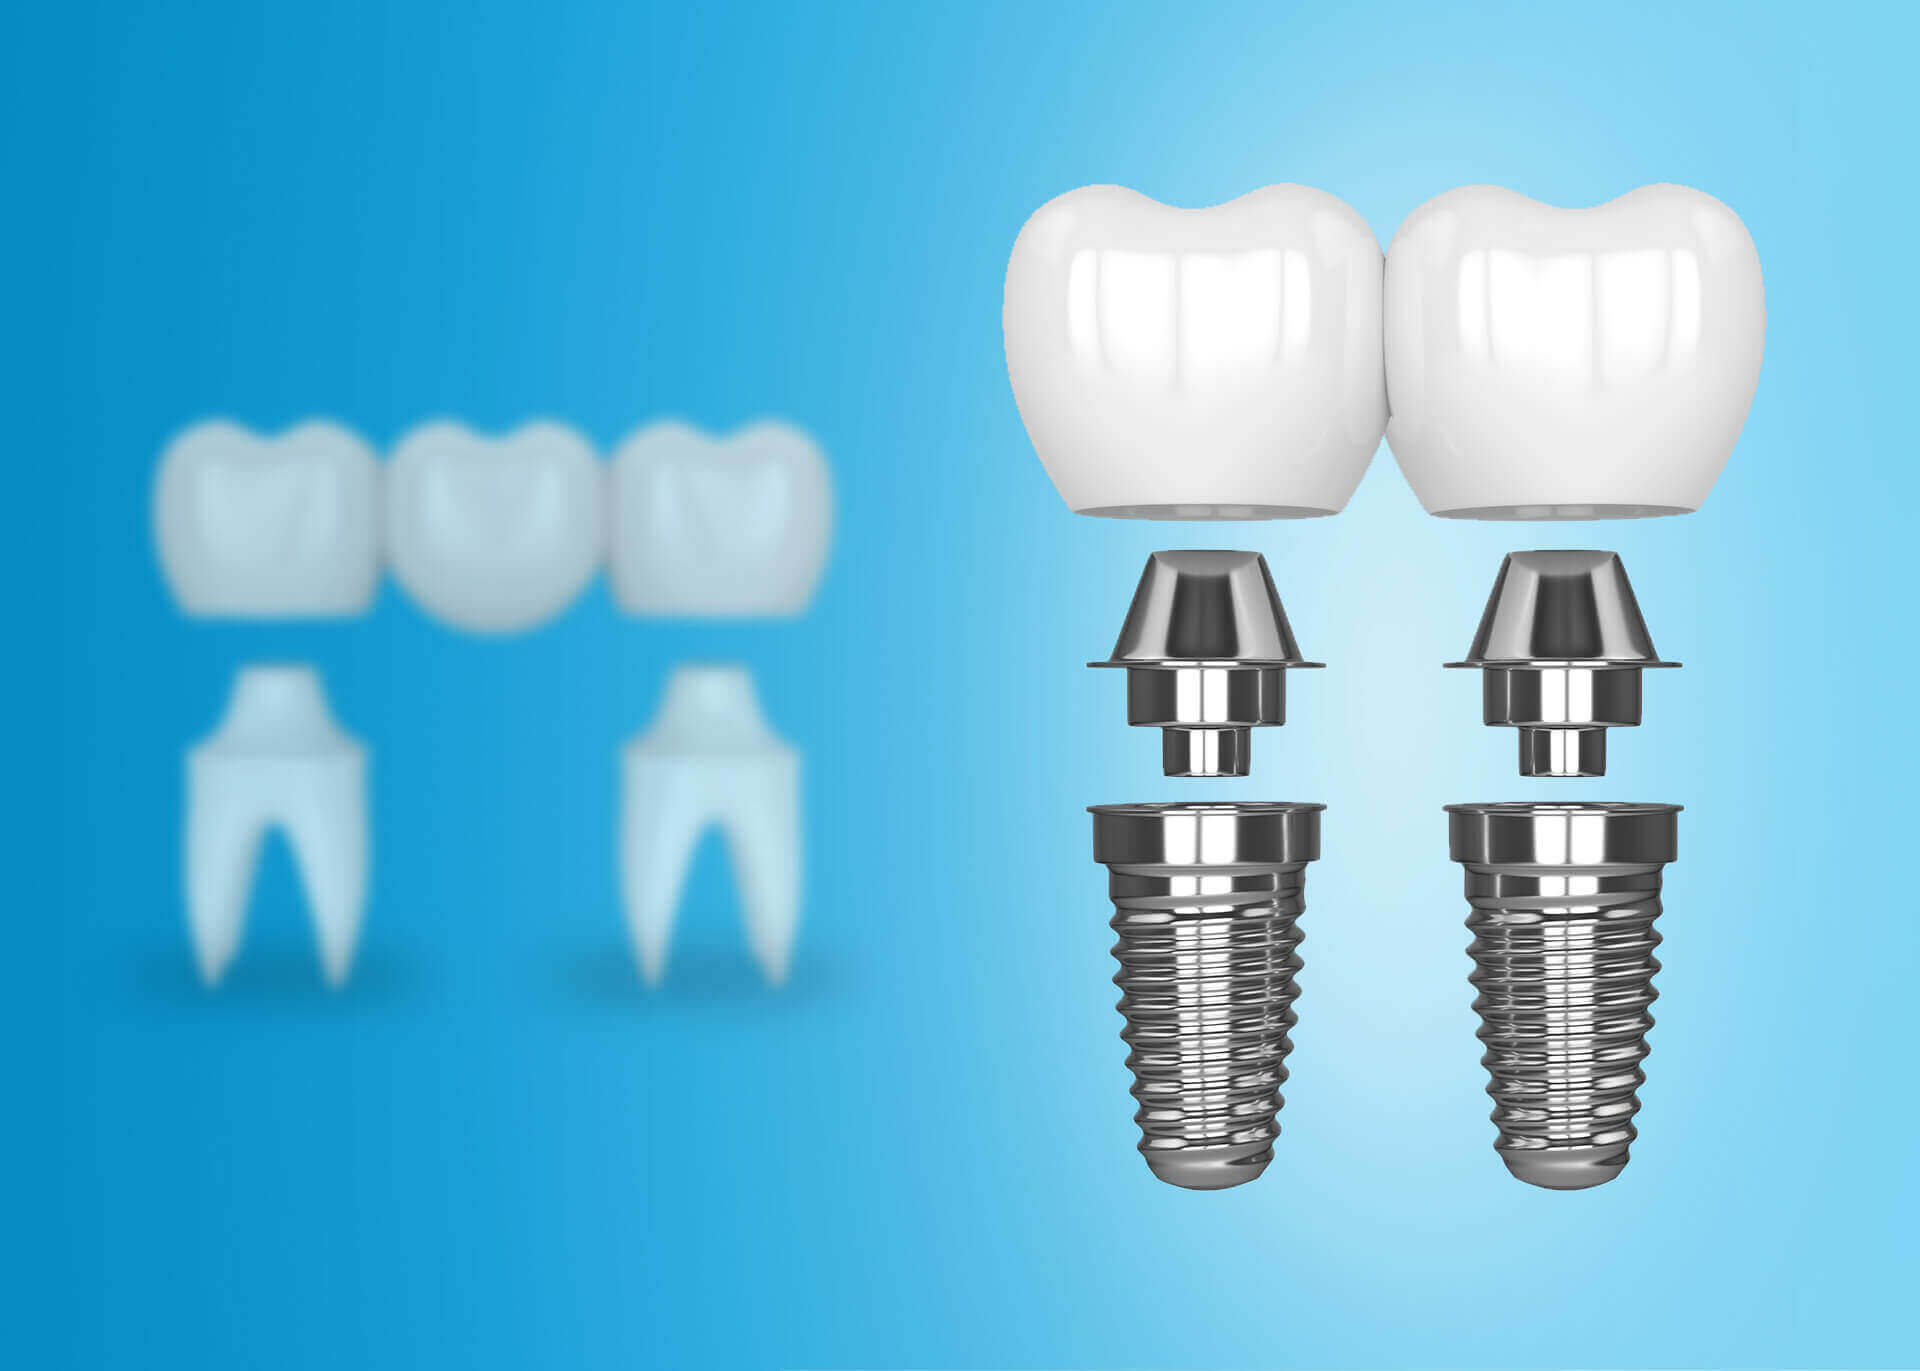 Fogászati implantátumok és fogászati hidak